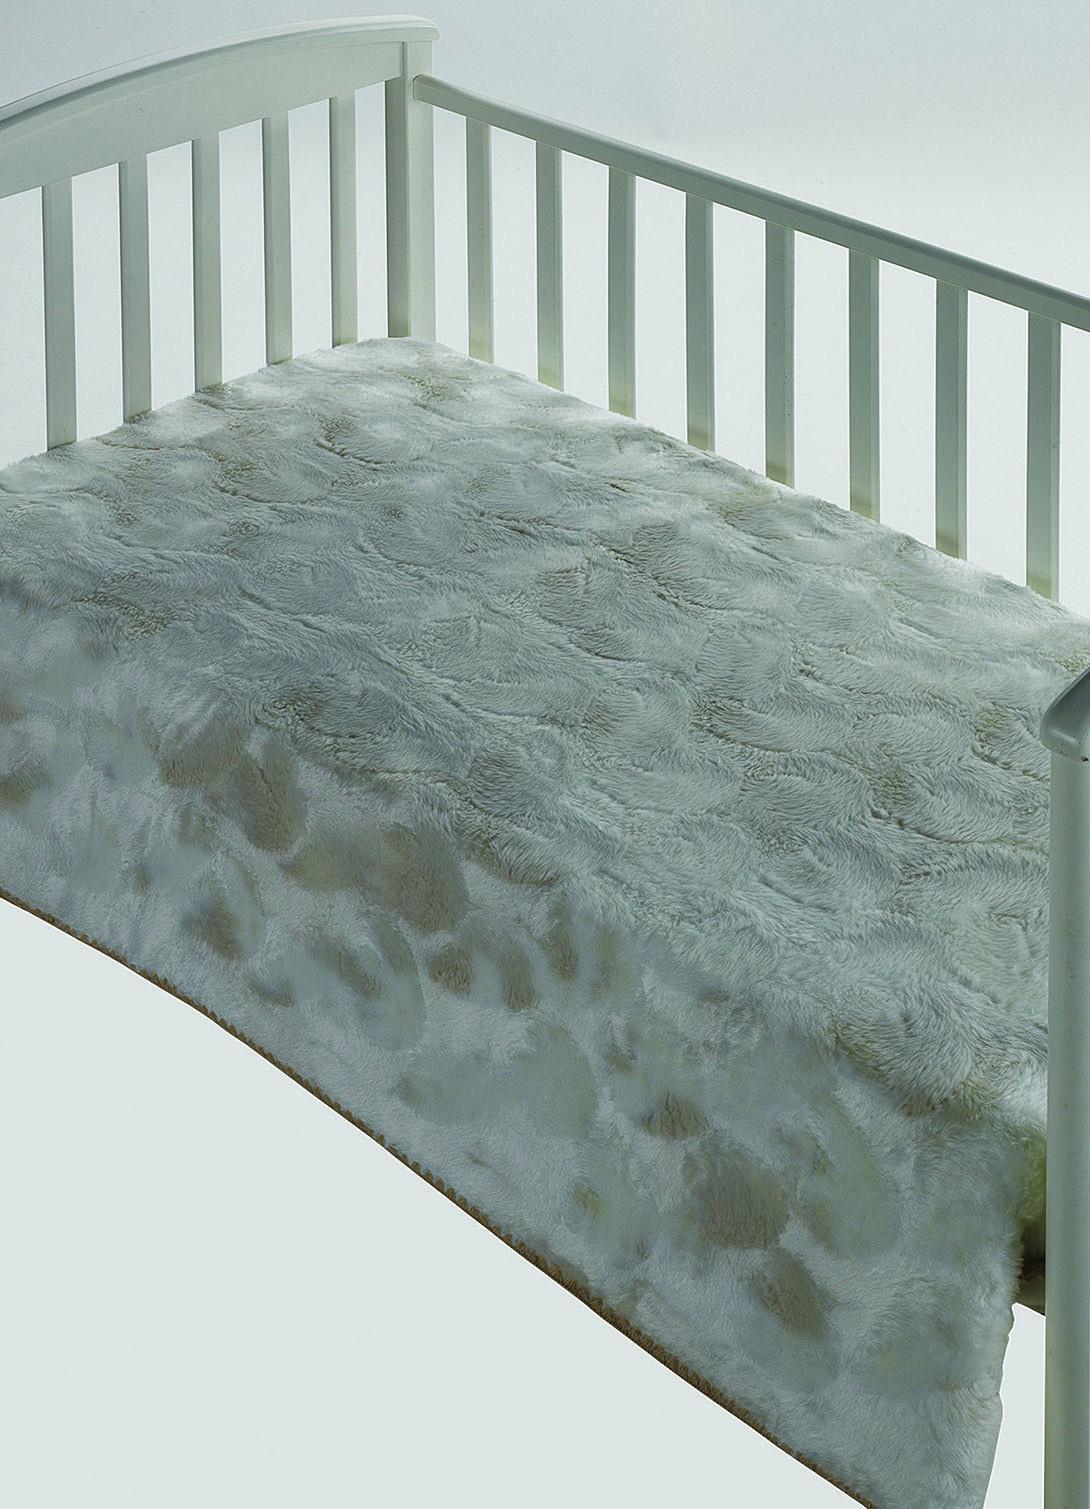 Κουβέρτα Βελουτέ Αγκαλιάς Morven Morapel Luxe 828 Μπεζ home   βρεφικά   κουβέρτες βρεφικές   κουβέρτες βελουτέ